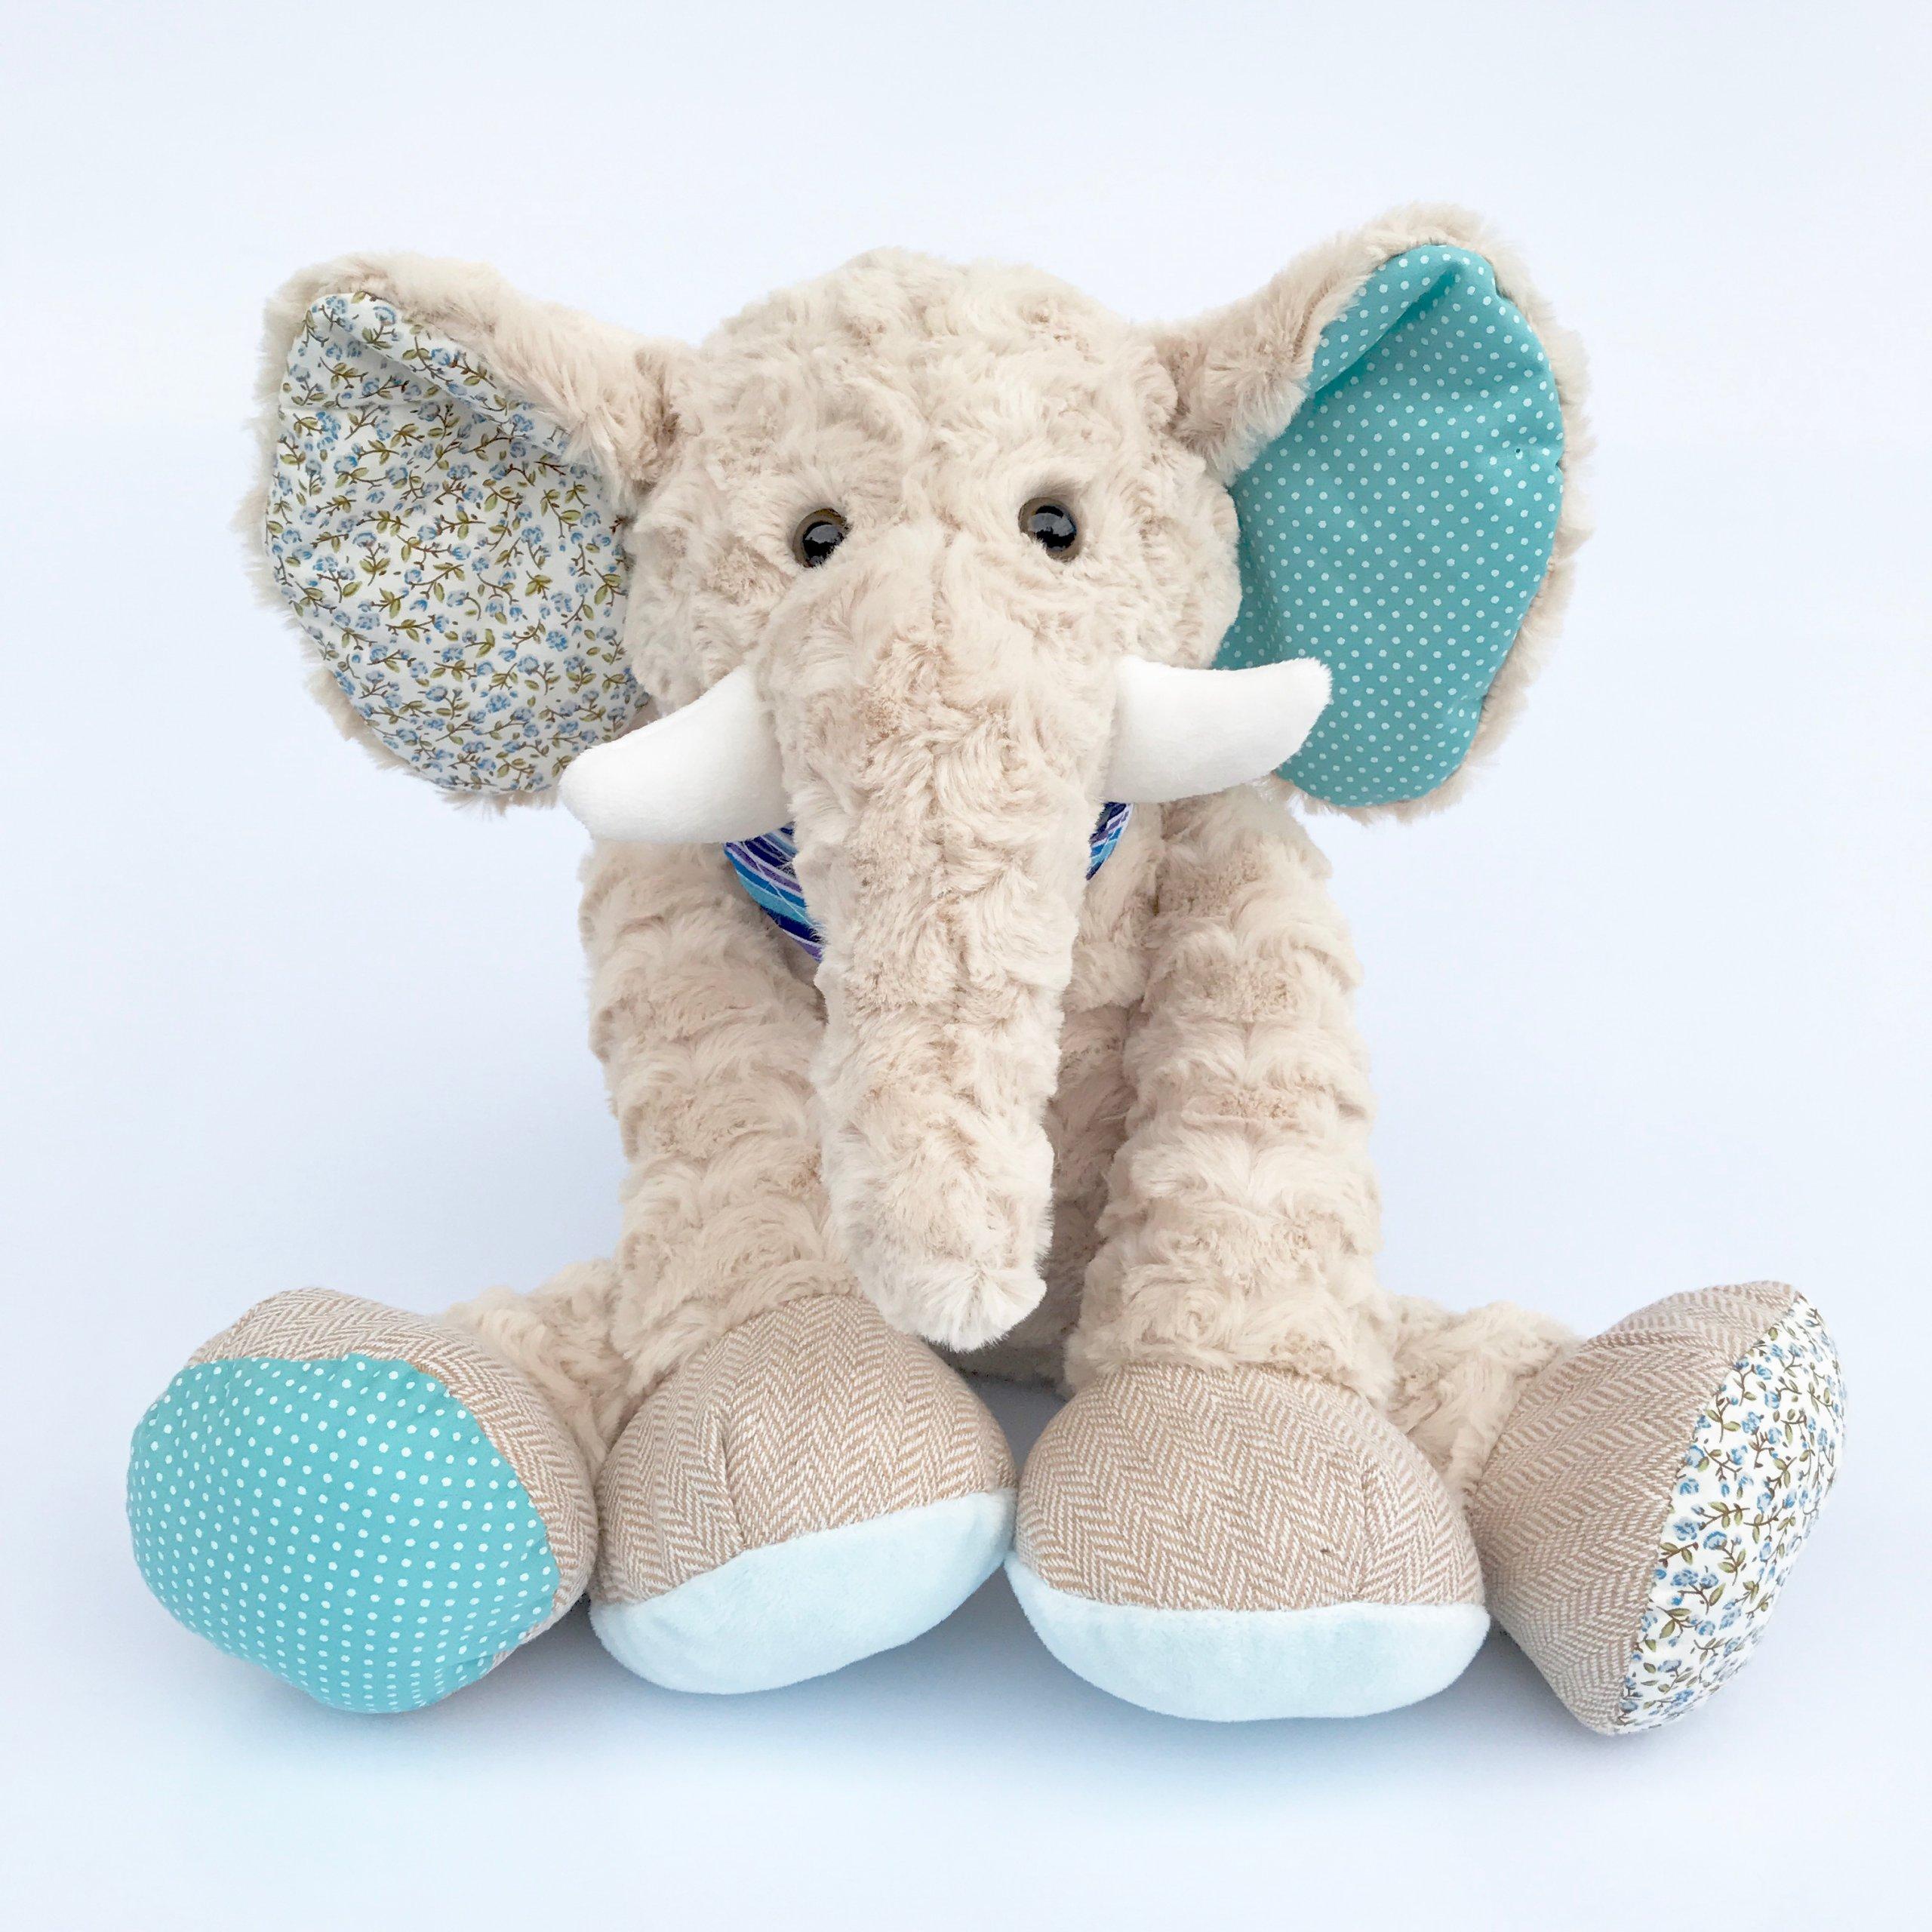 картинки плюшевых слоников важным для